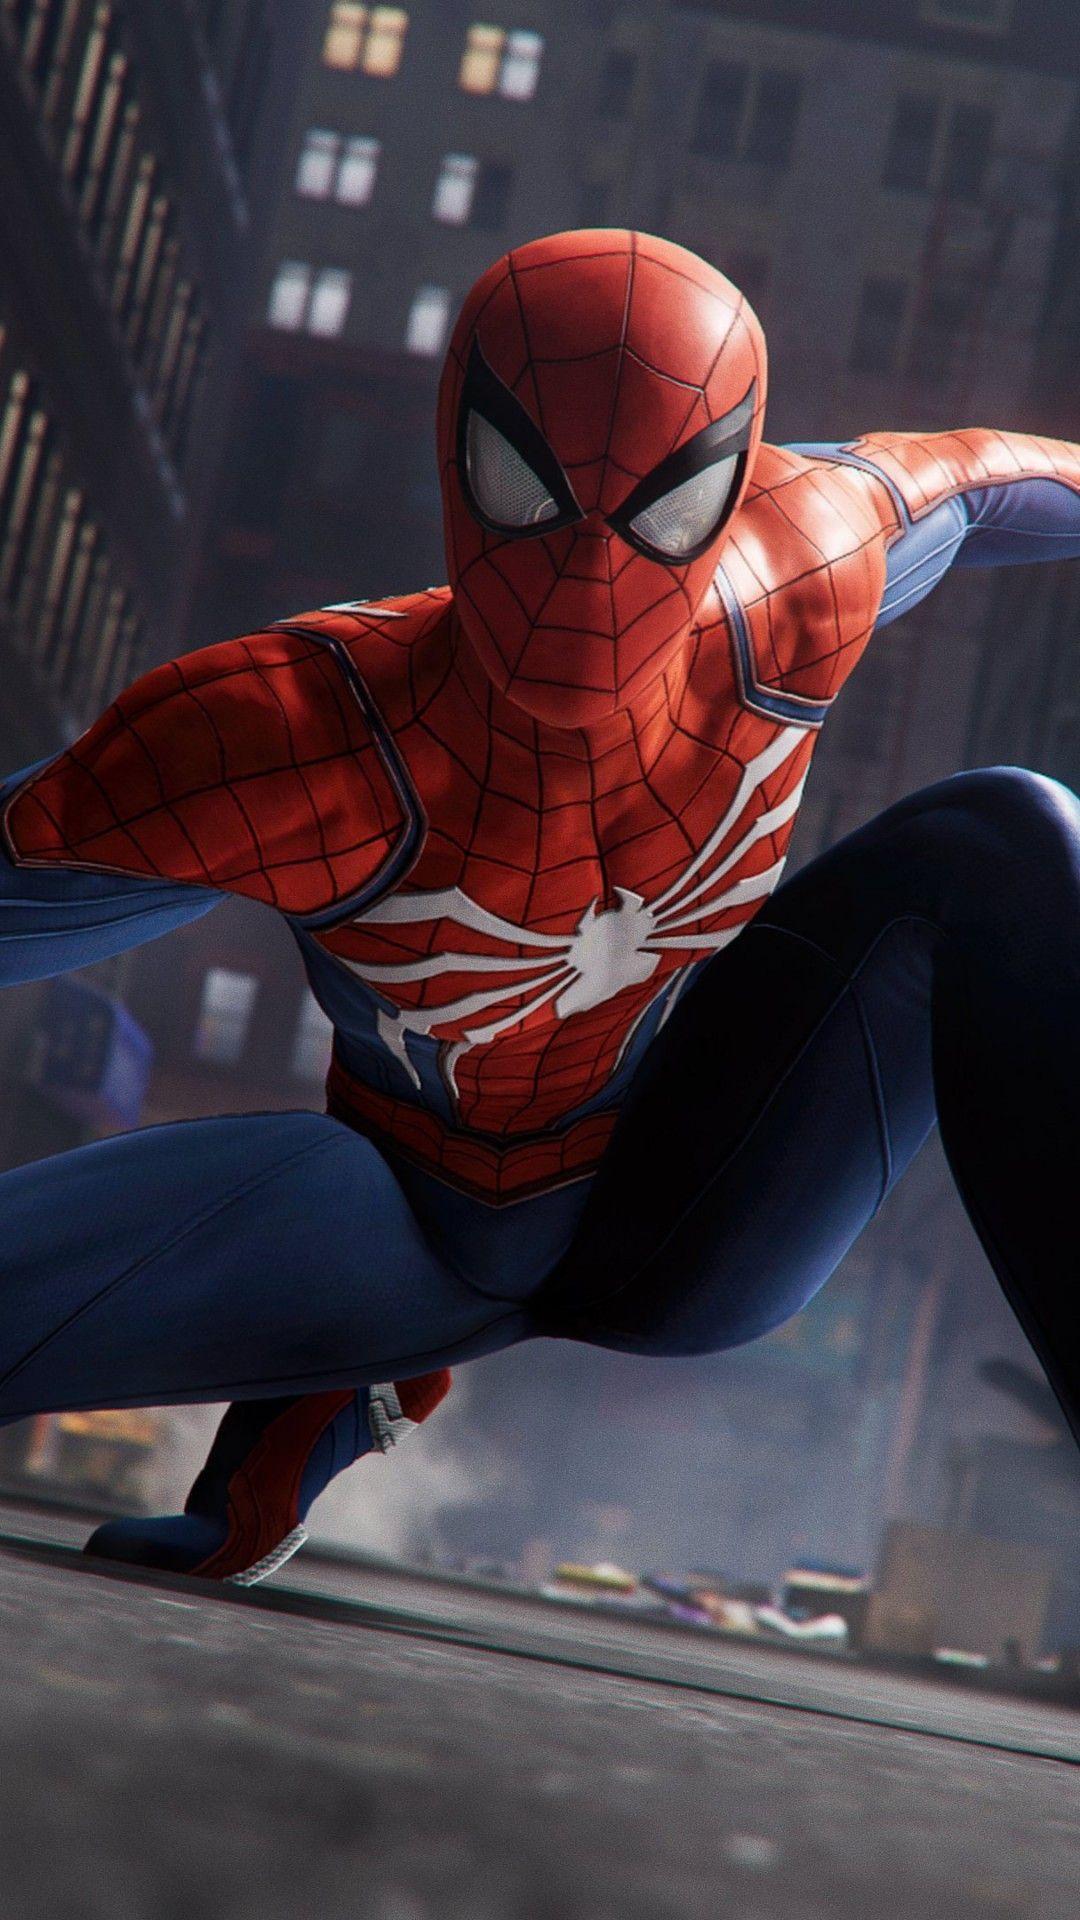 Spiderman game_photography, 2020 Yenilmezler, Örümcek